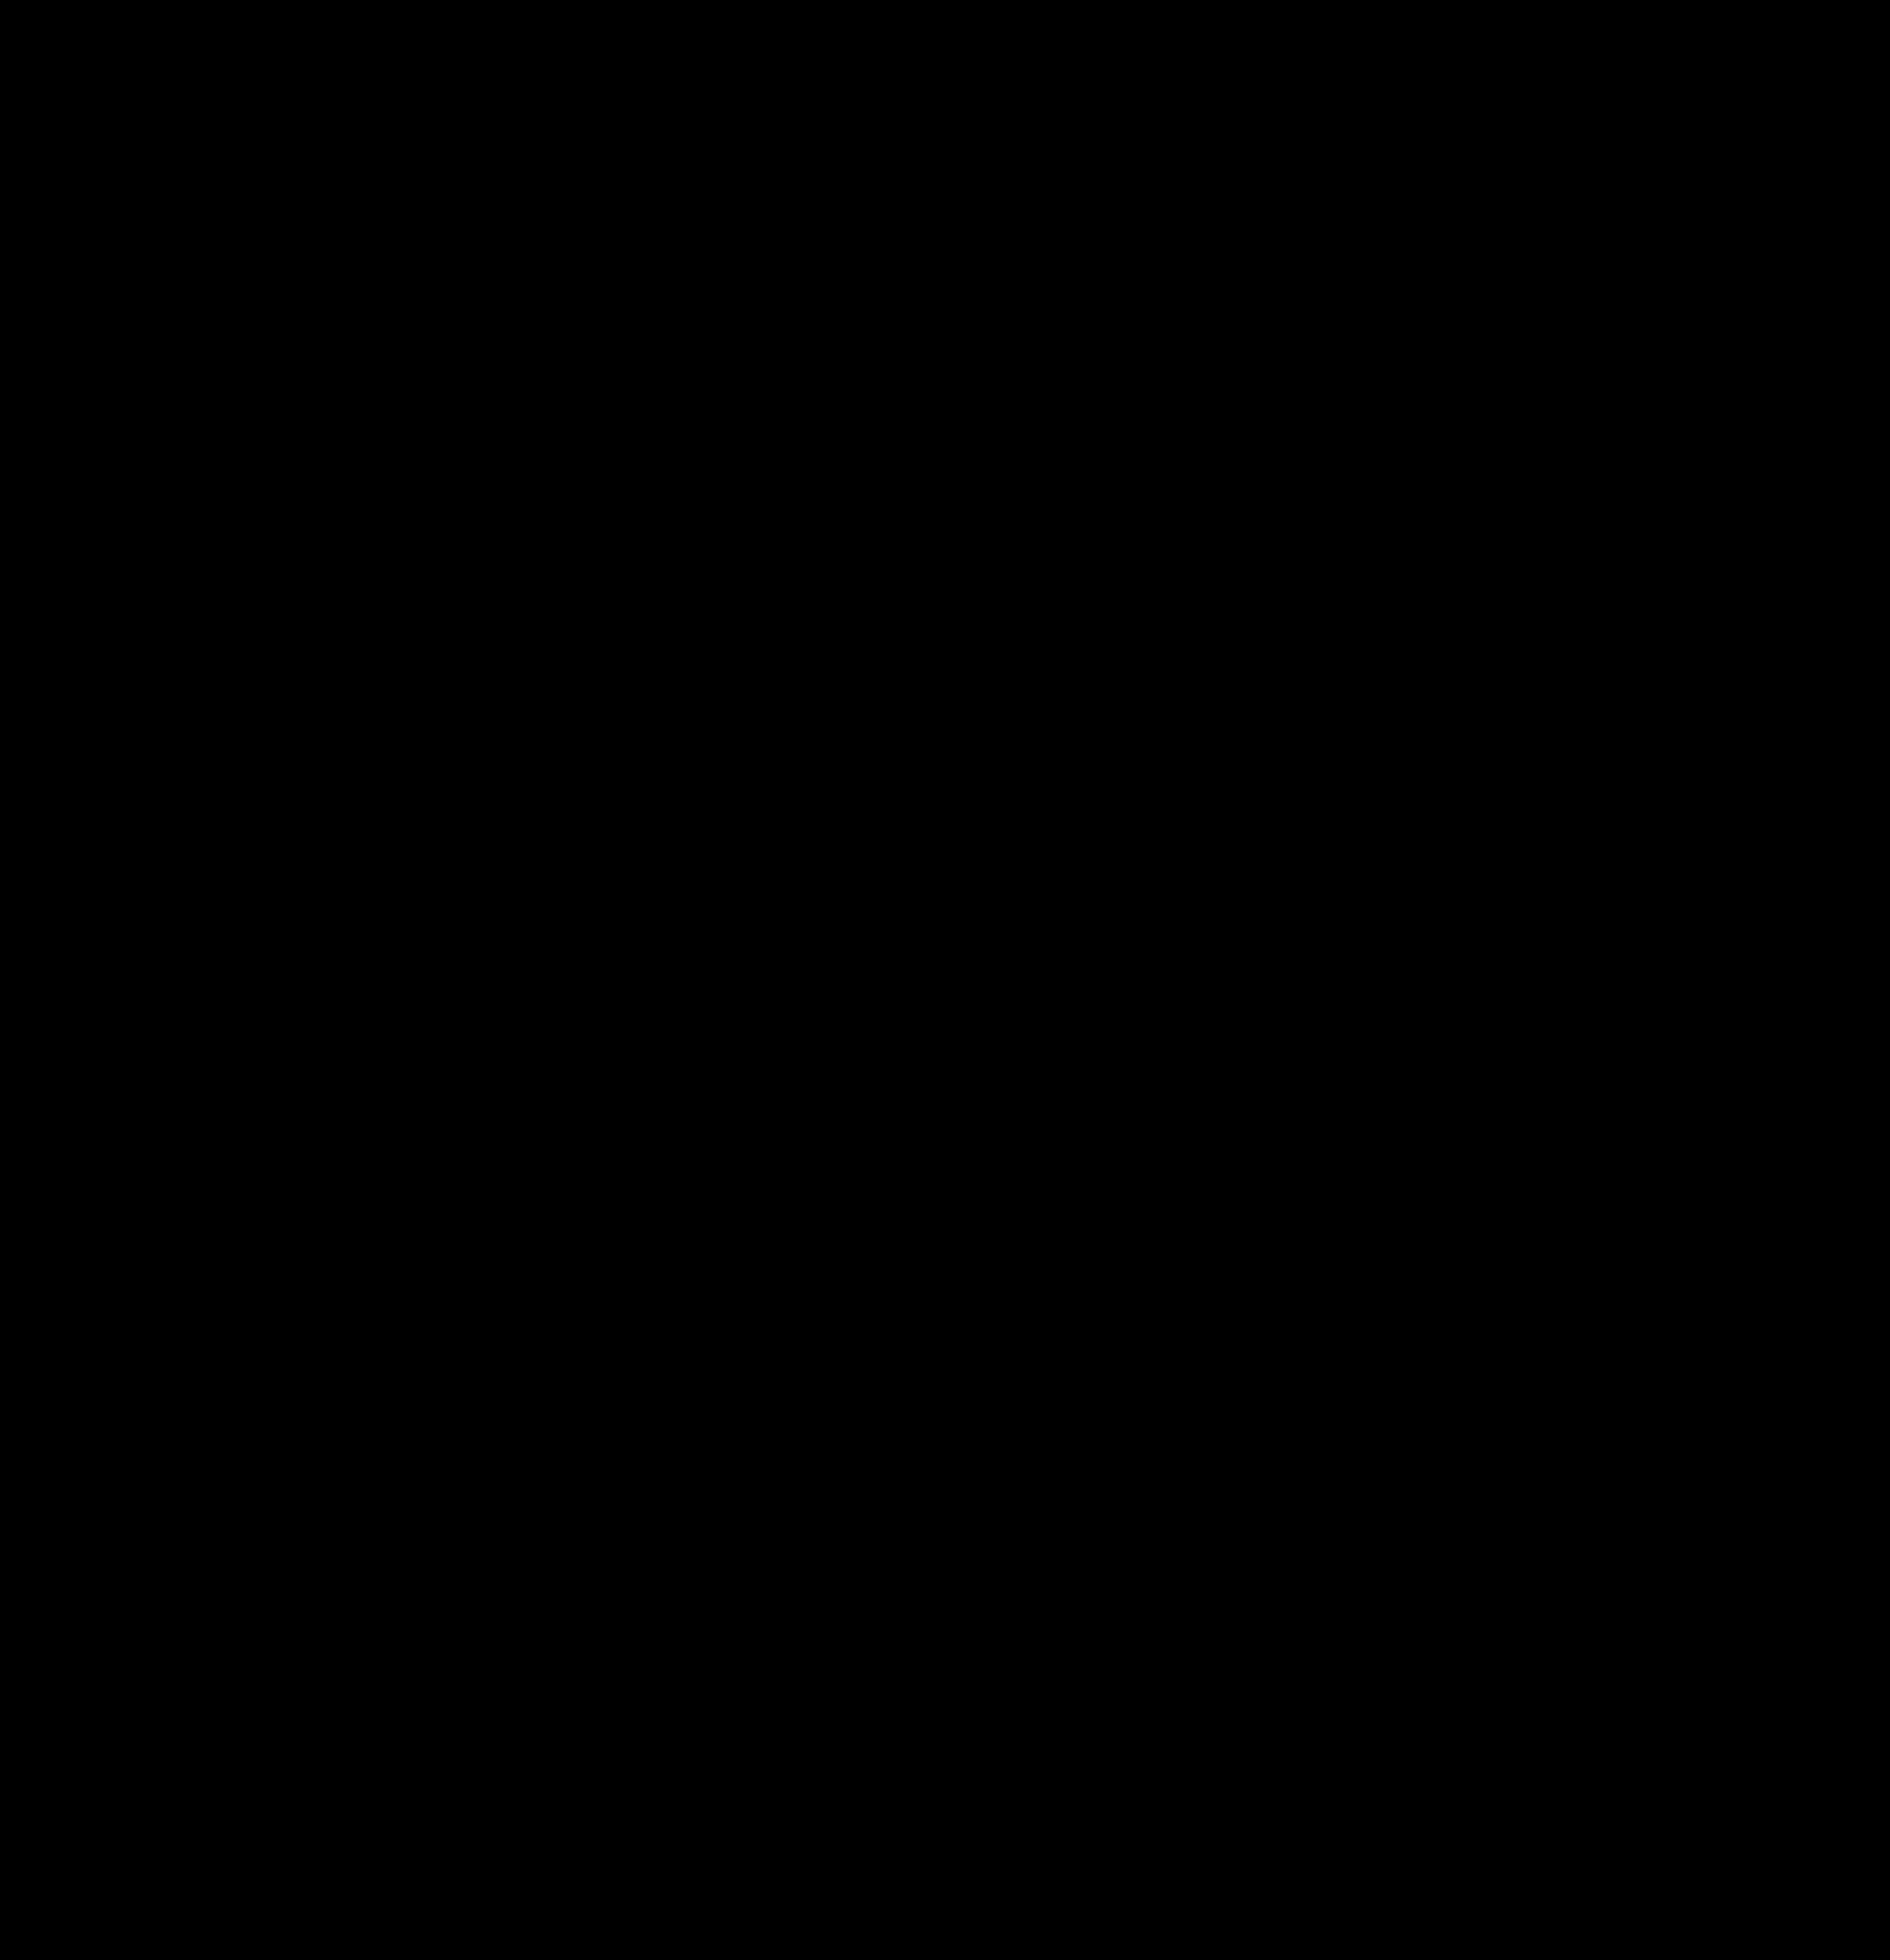 Logos And Symbols Moonspell